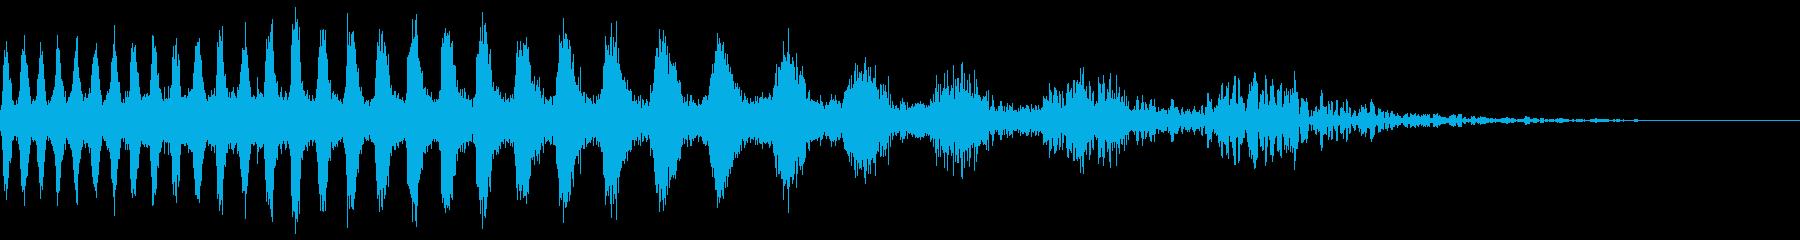 【FX】 DOWNLIFT 03の再生済みの波形